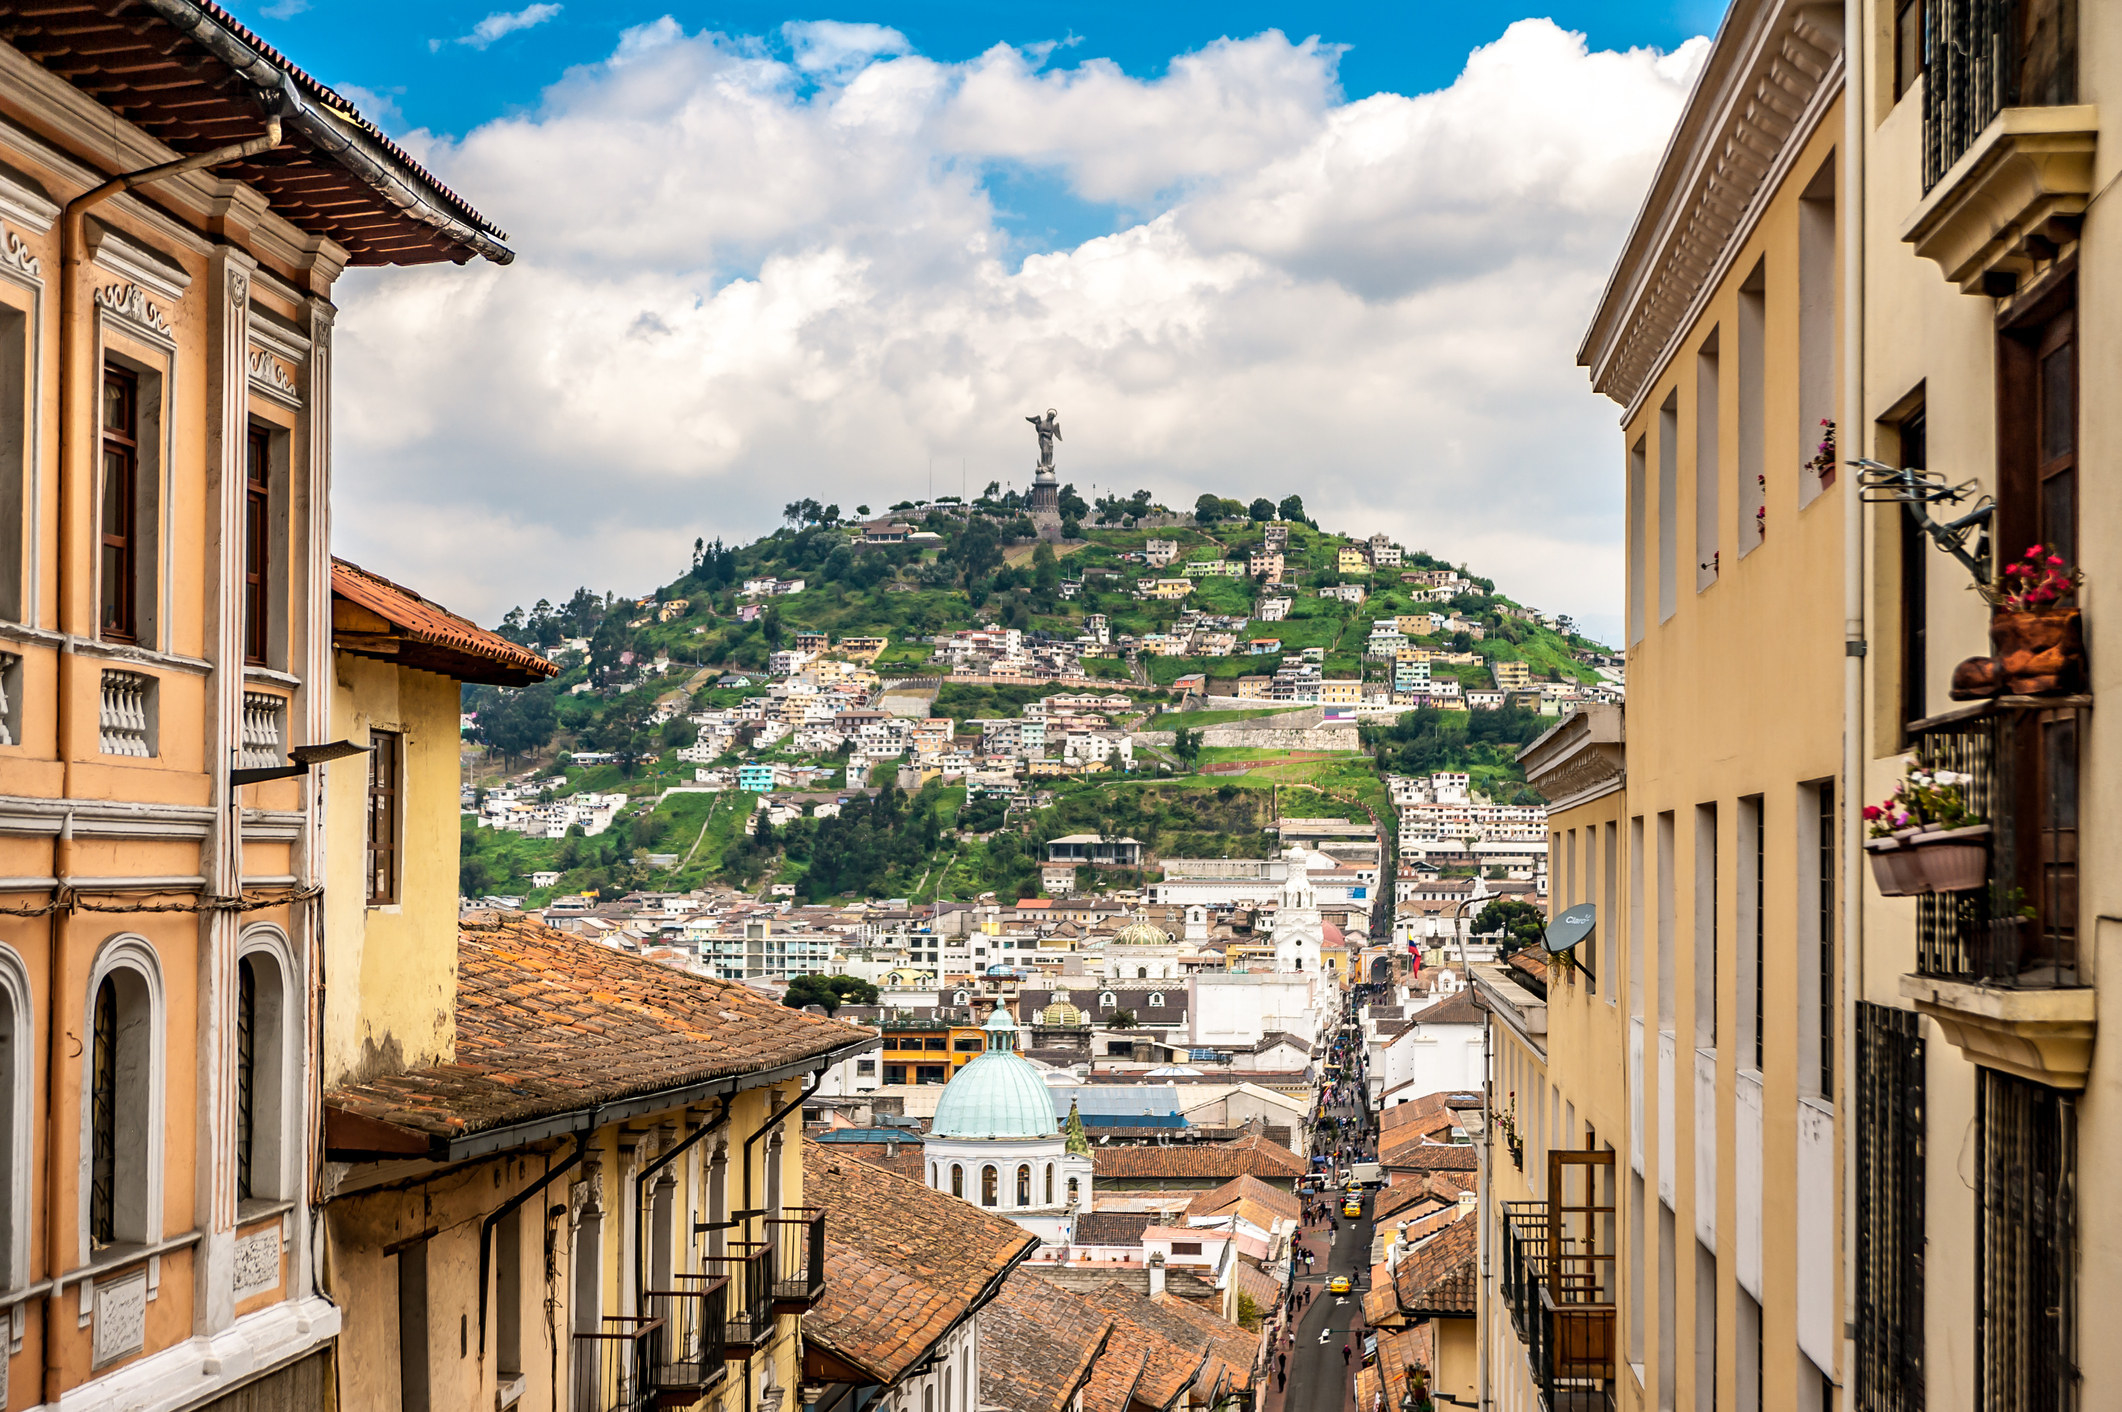 A view of Quito, Ecuador